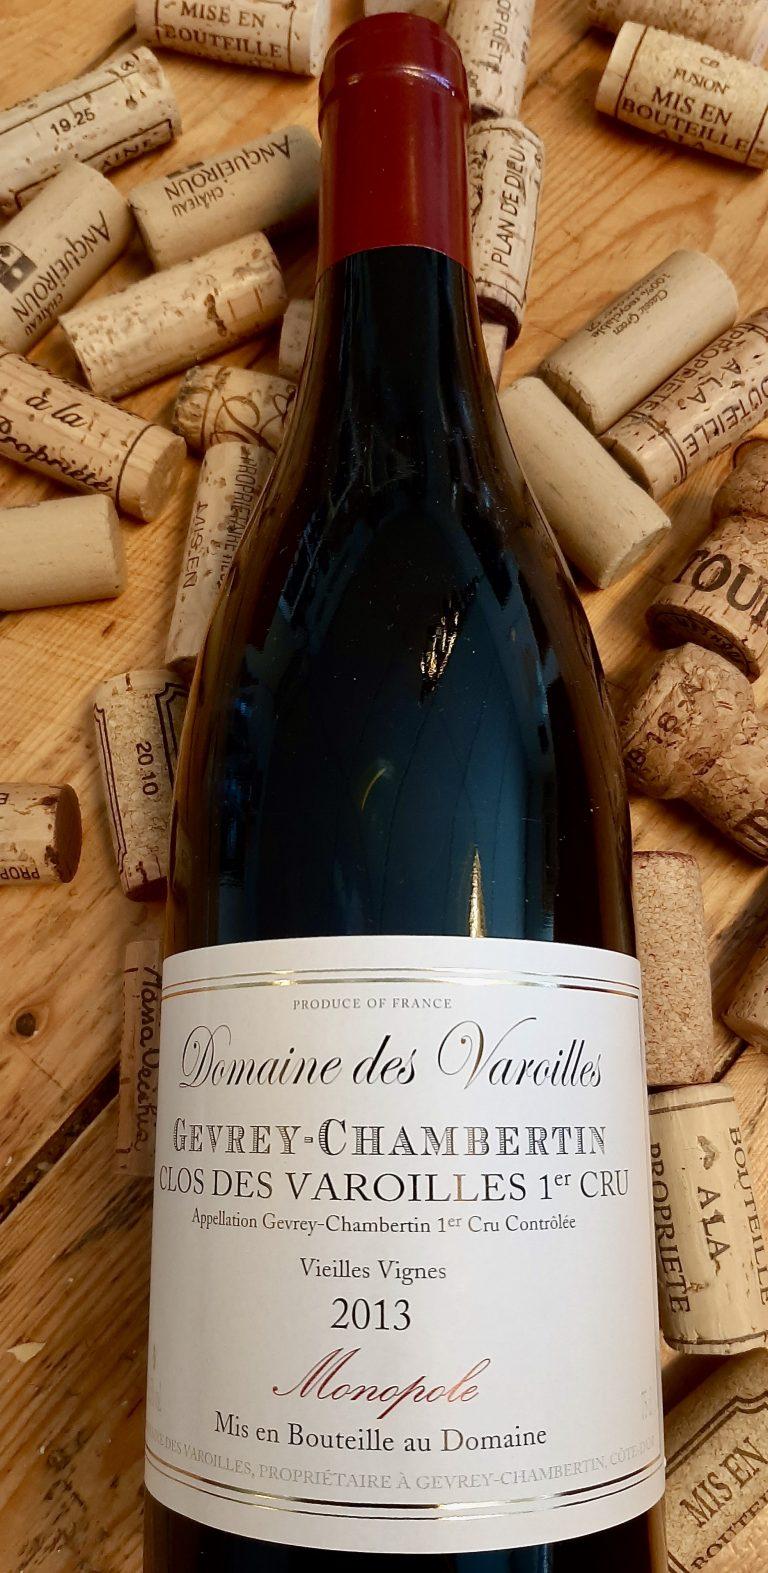 Bourgogne Gevrey Chambertin 1er Cru - Varoilles